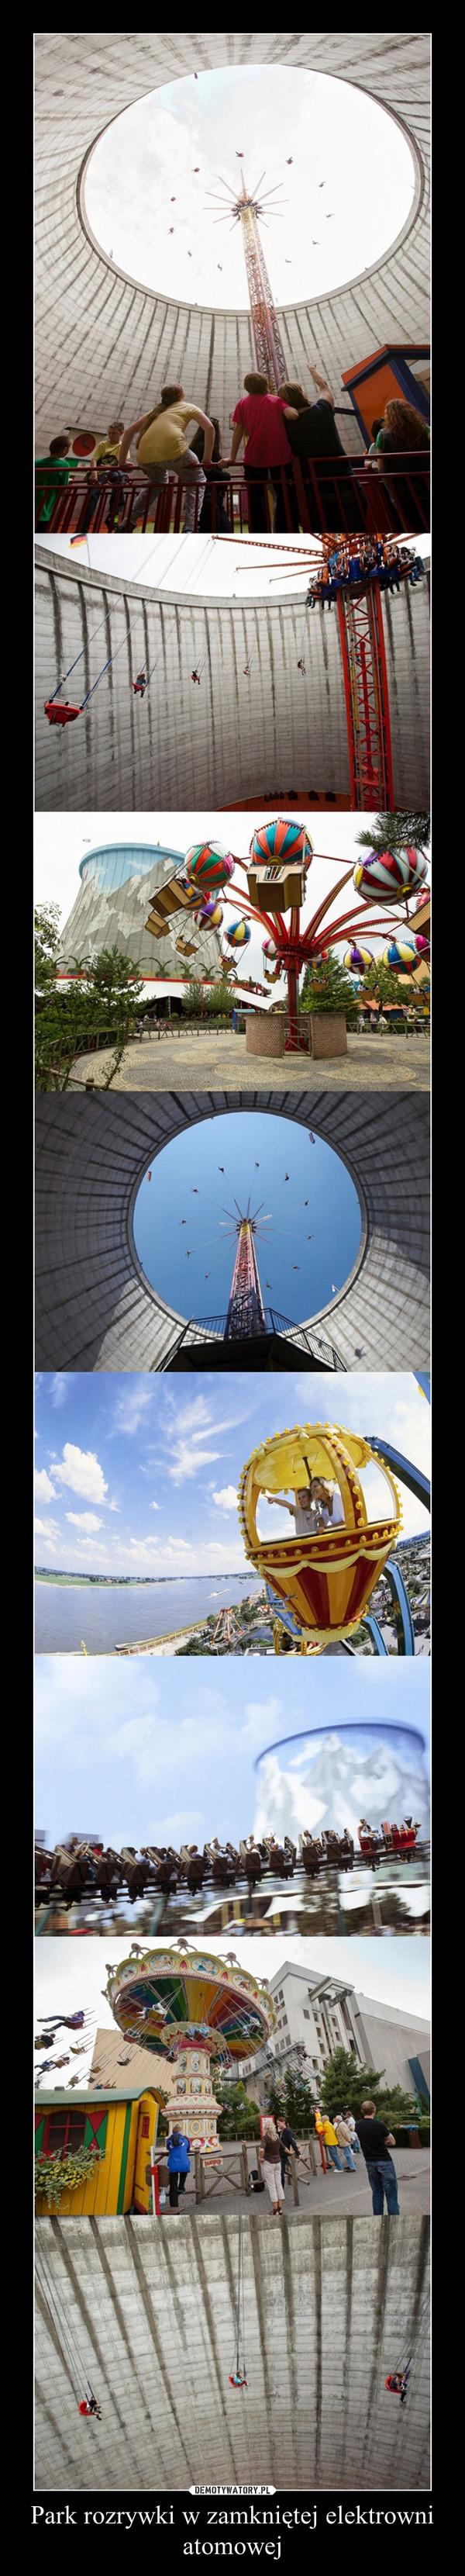 Park rozrywki w zamkniętej elektrowni atomowej –